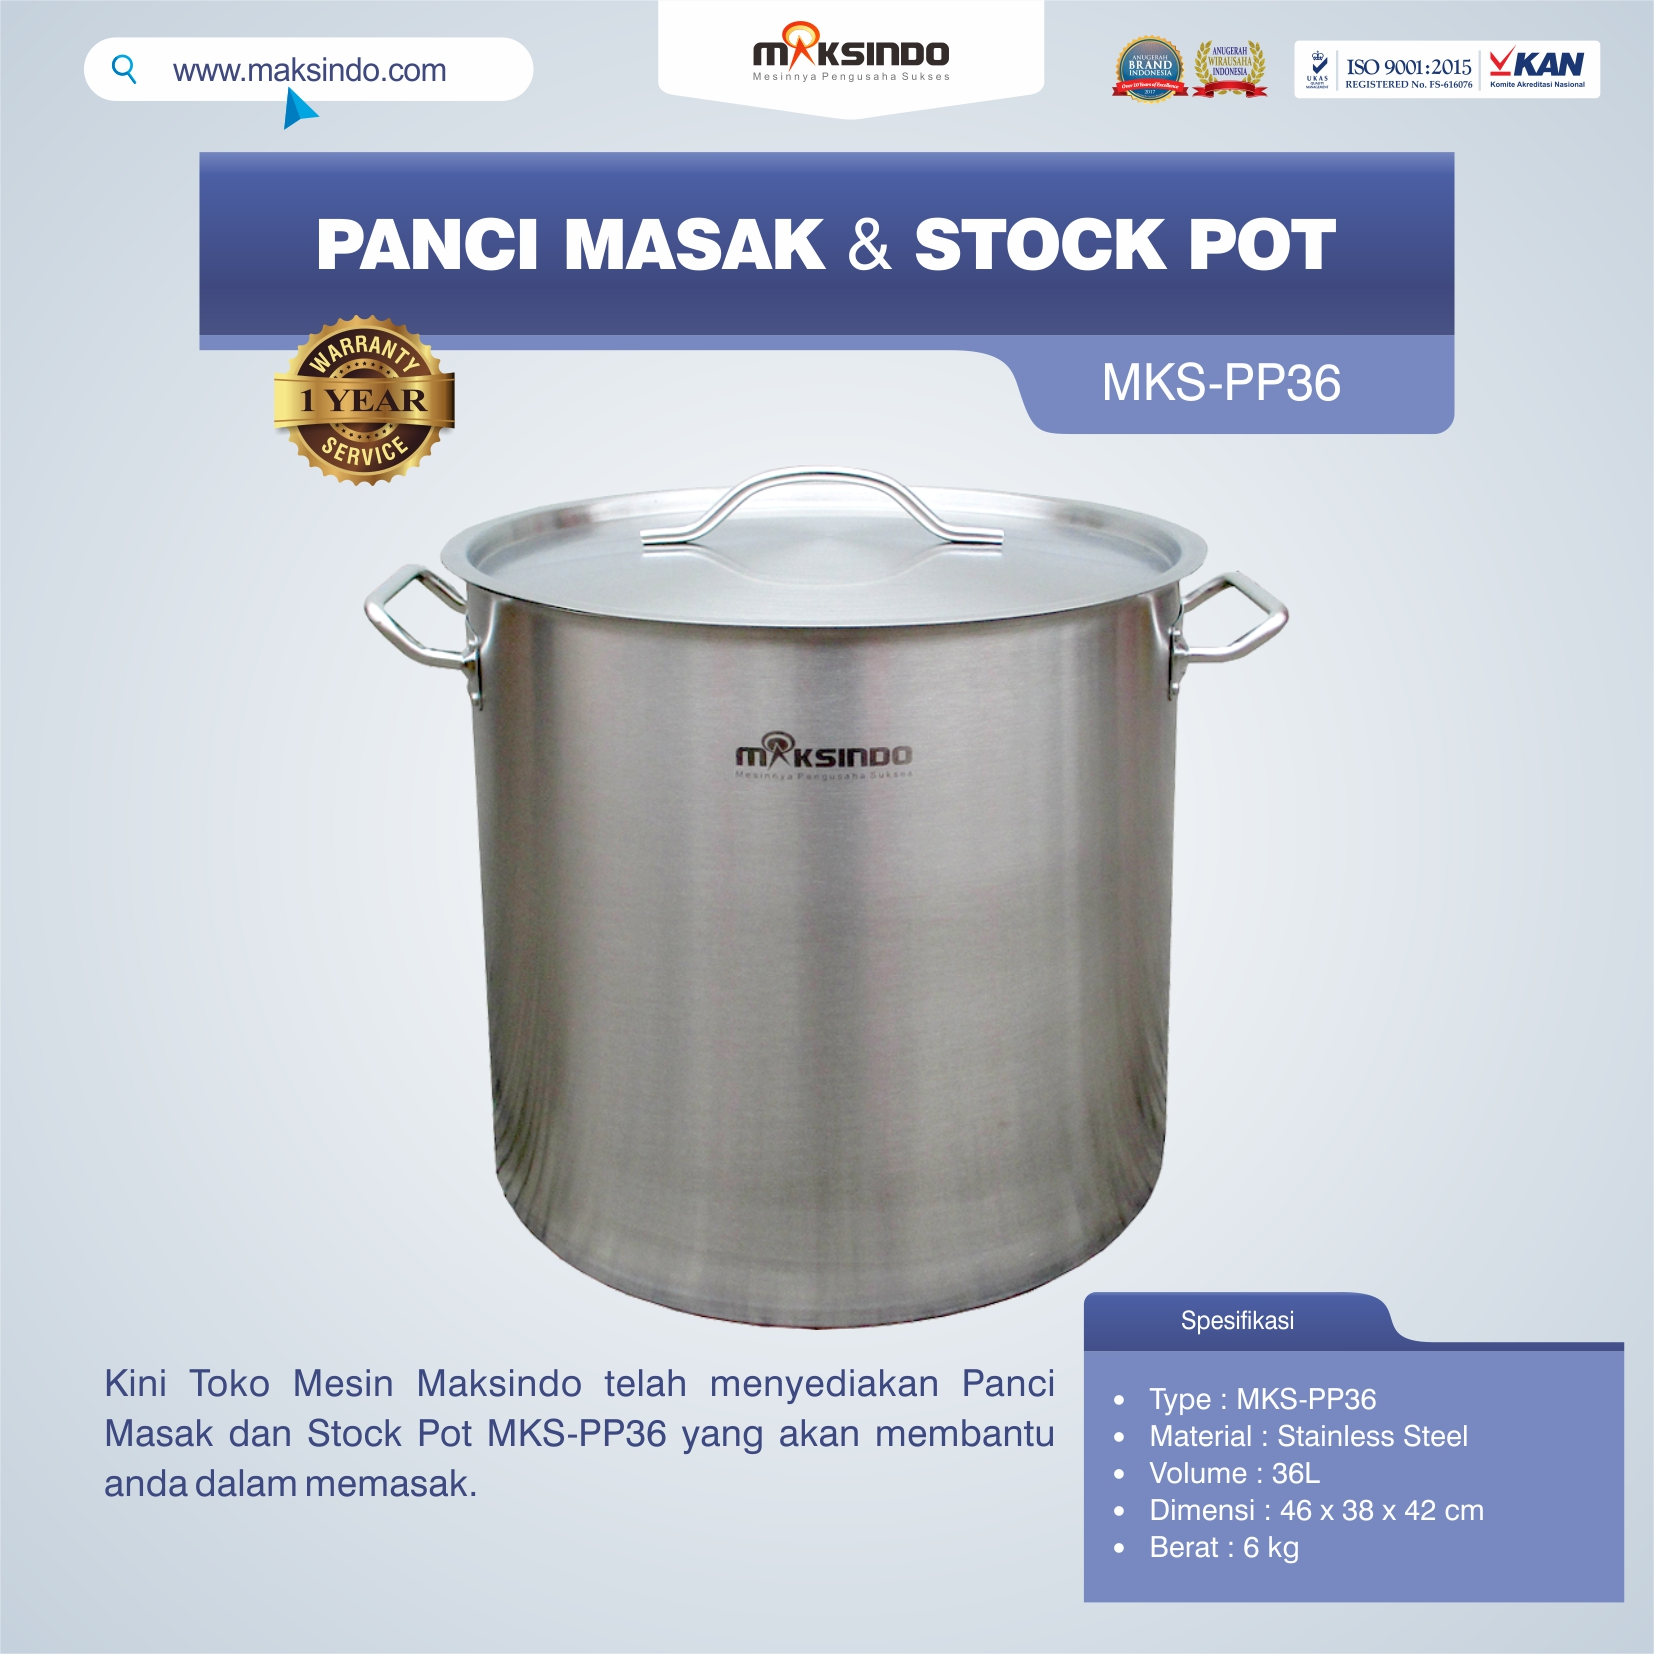 Jual Panci Masak Dan Stock Pot MKS-PP36 di Blitar